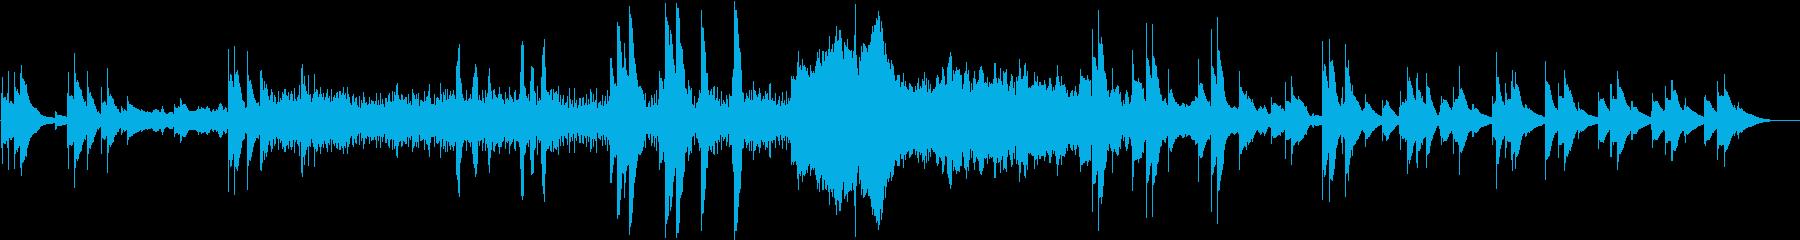 不思議不穏でノイジーなトイミュージック風の再生済みの波形